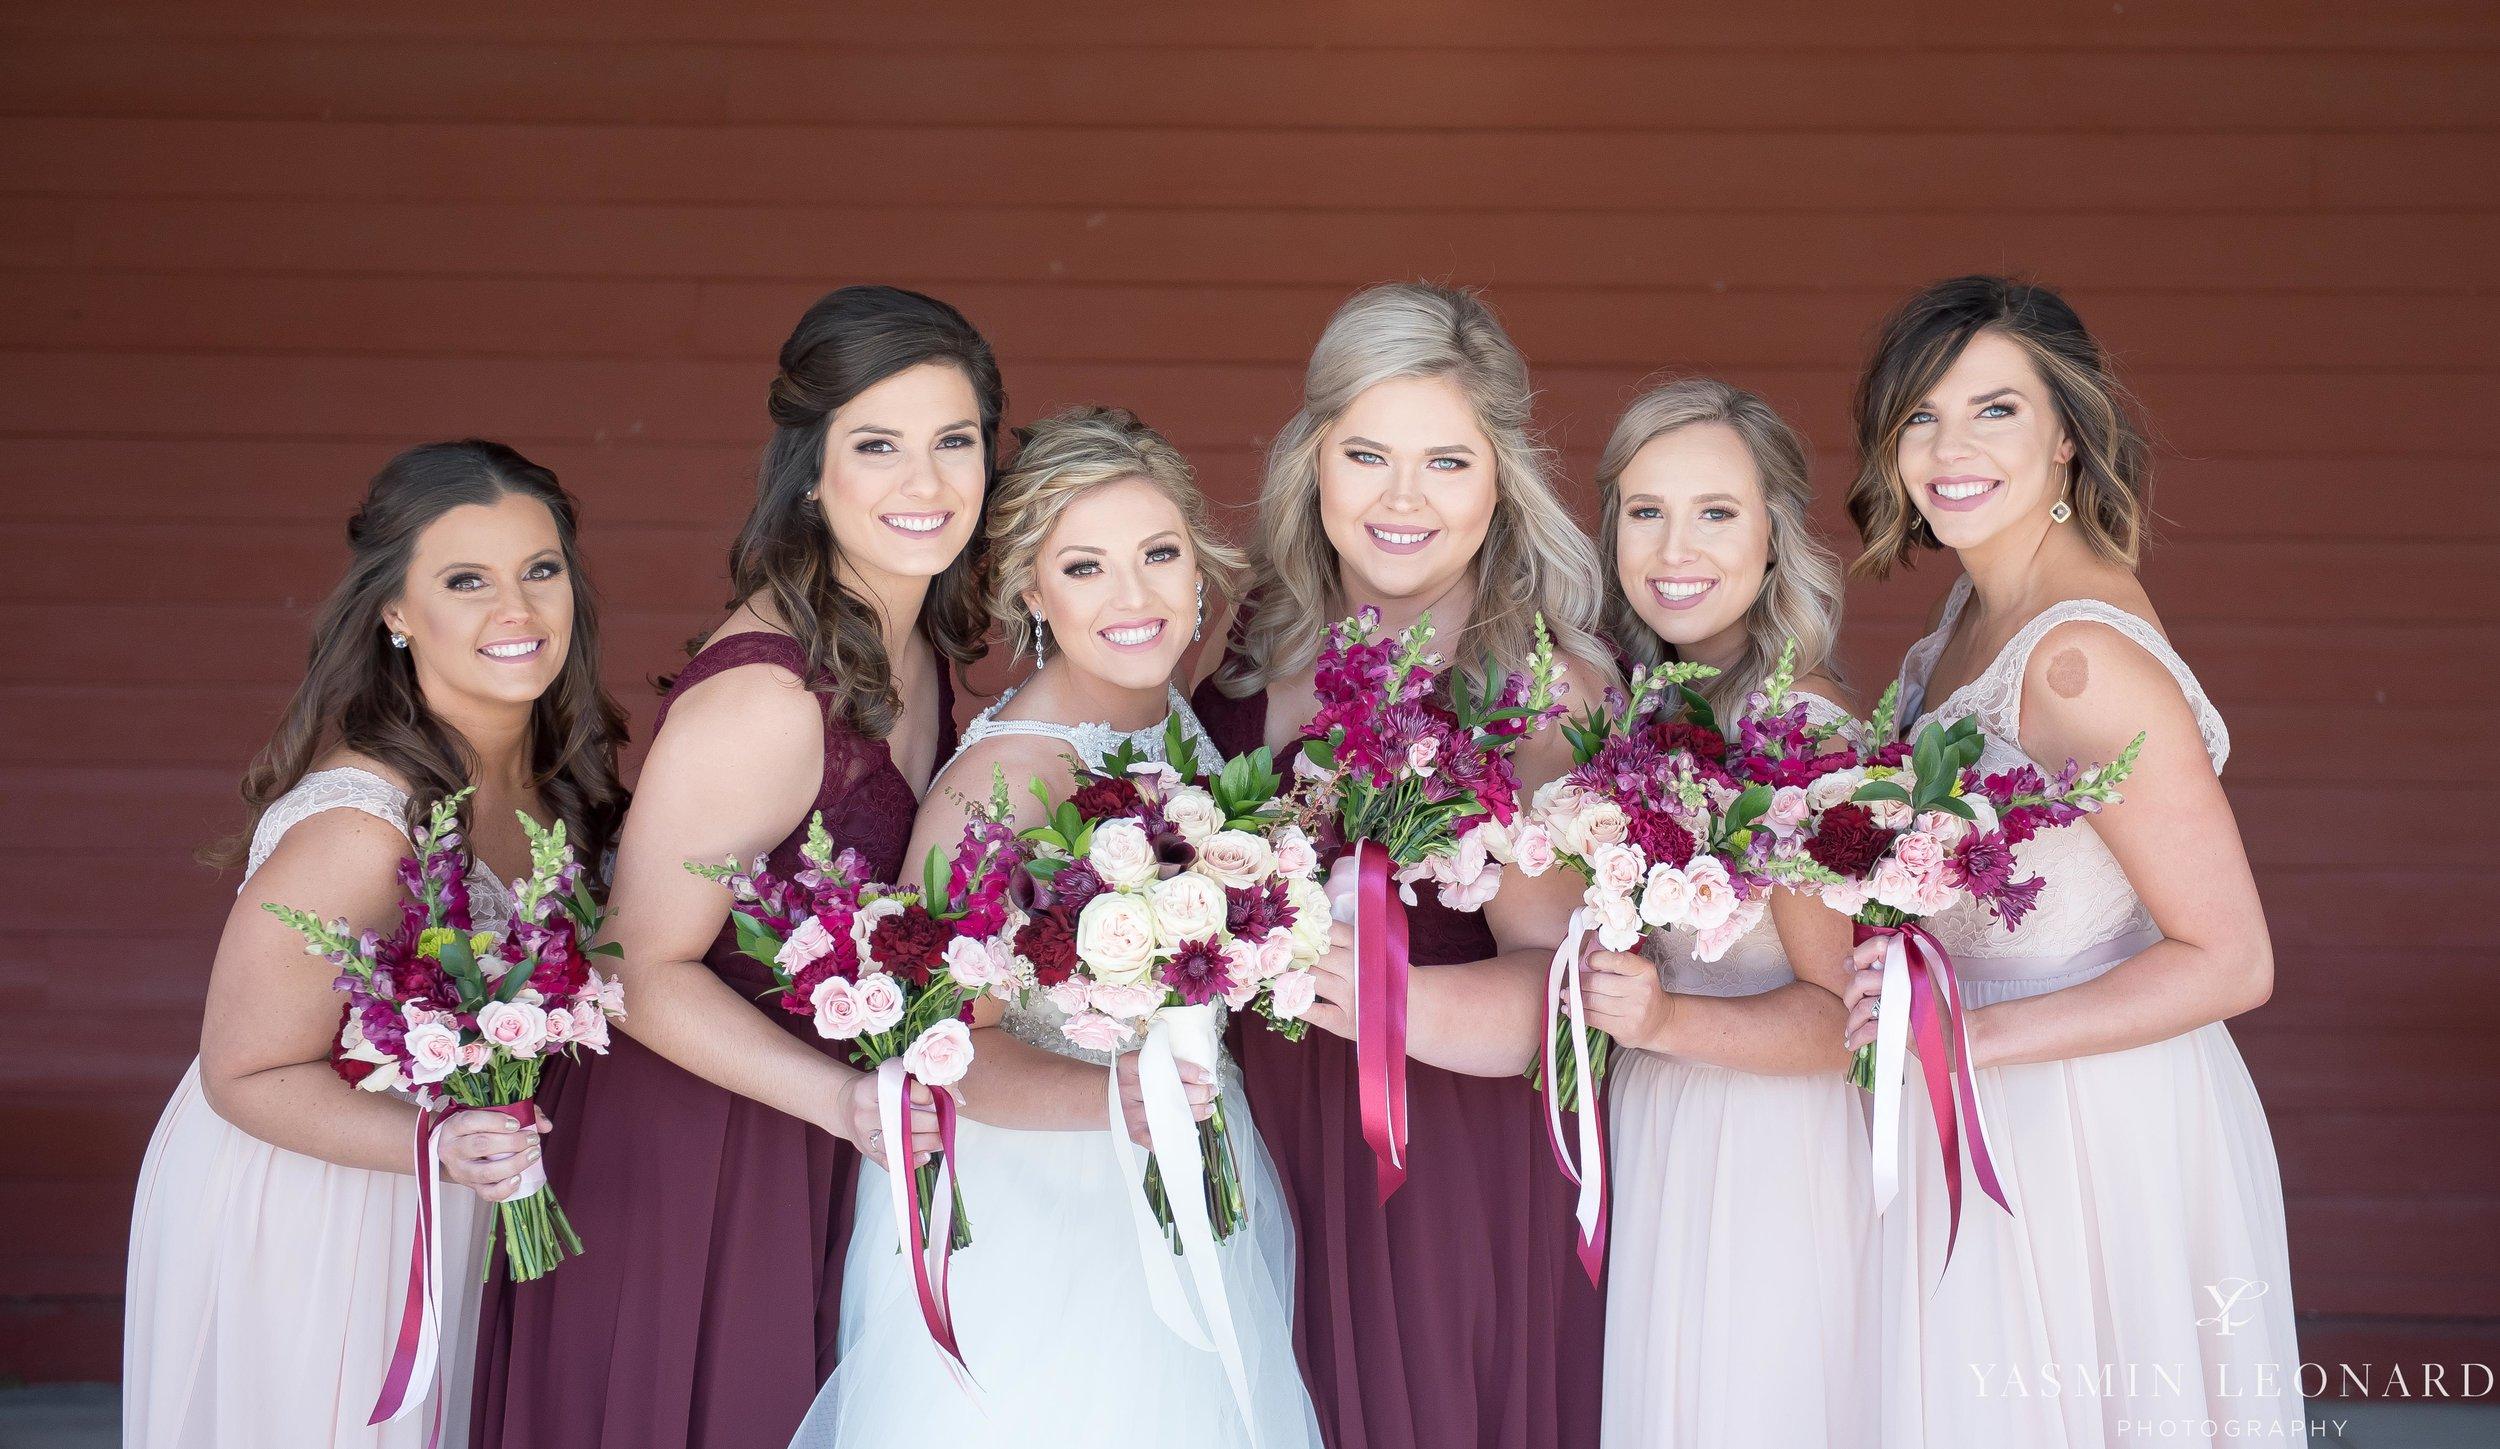 Millikan Farms - Millikan Farms Wedding - Sophia NC Wedding - NC Wedding - NC Wedding Photographer - Yasmin Leonard Photography - High Point Photographer - Barn Wedding - Wedding Venues in NC - Triad Wedding Photographer-18.jpg